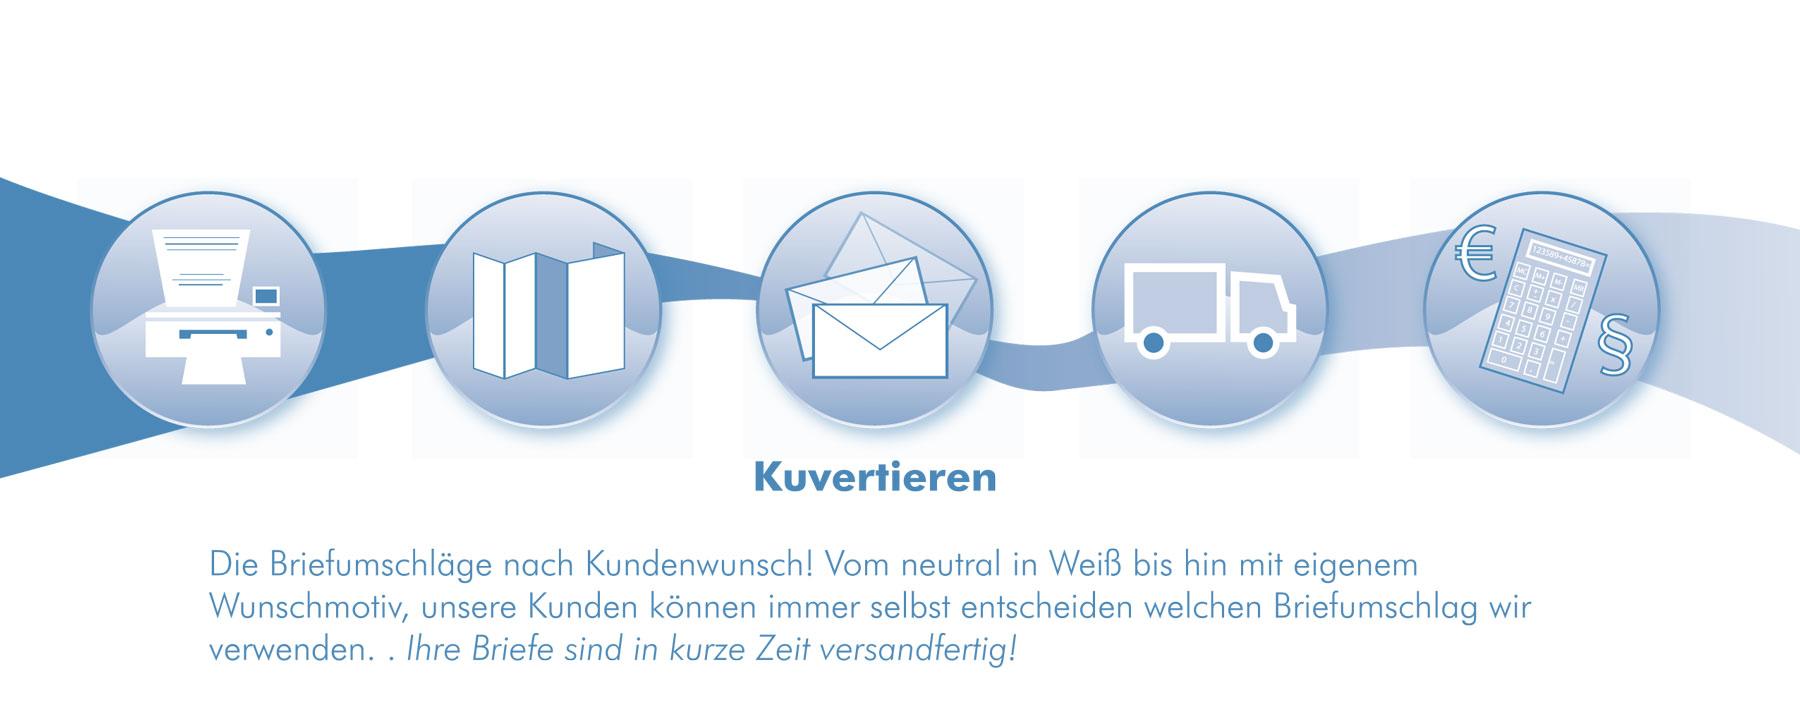 Briefe Kuvertieren Und Versenden : Briefumschlag briefe kuvertieren kuvertierservice flazen